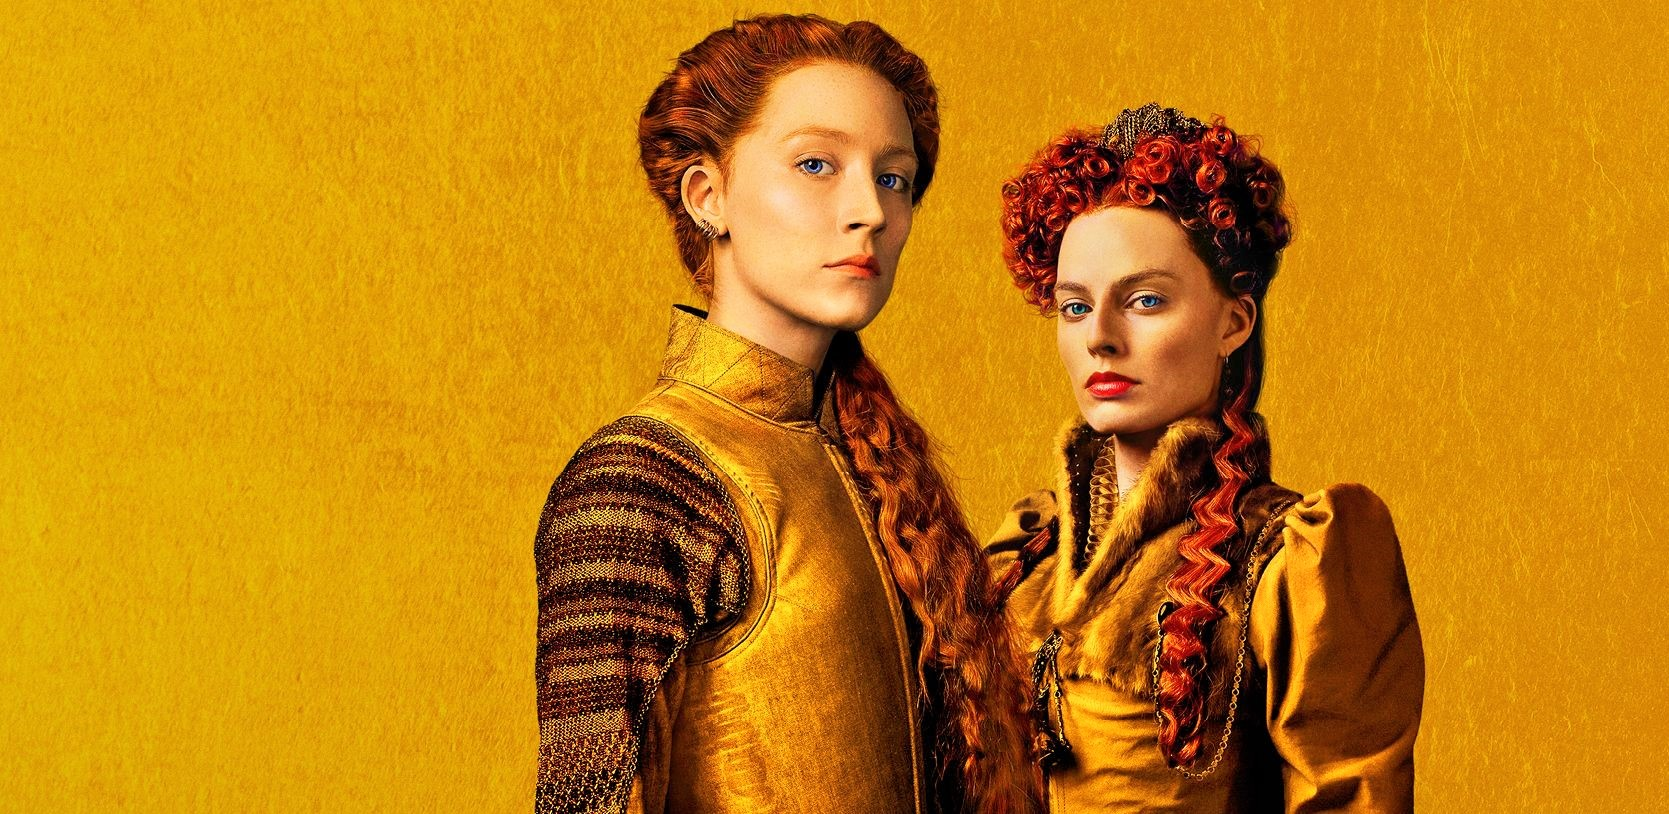 Марго Робби в образе Елизаветы I на кадрах из «Двух королев»